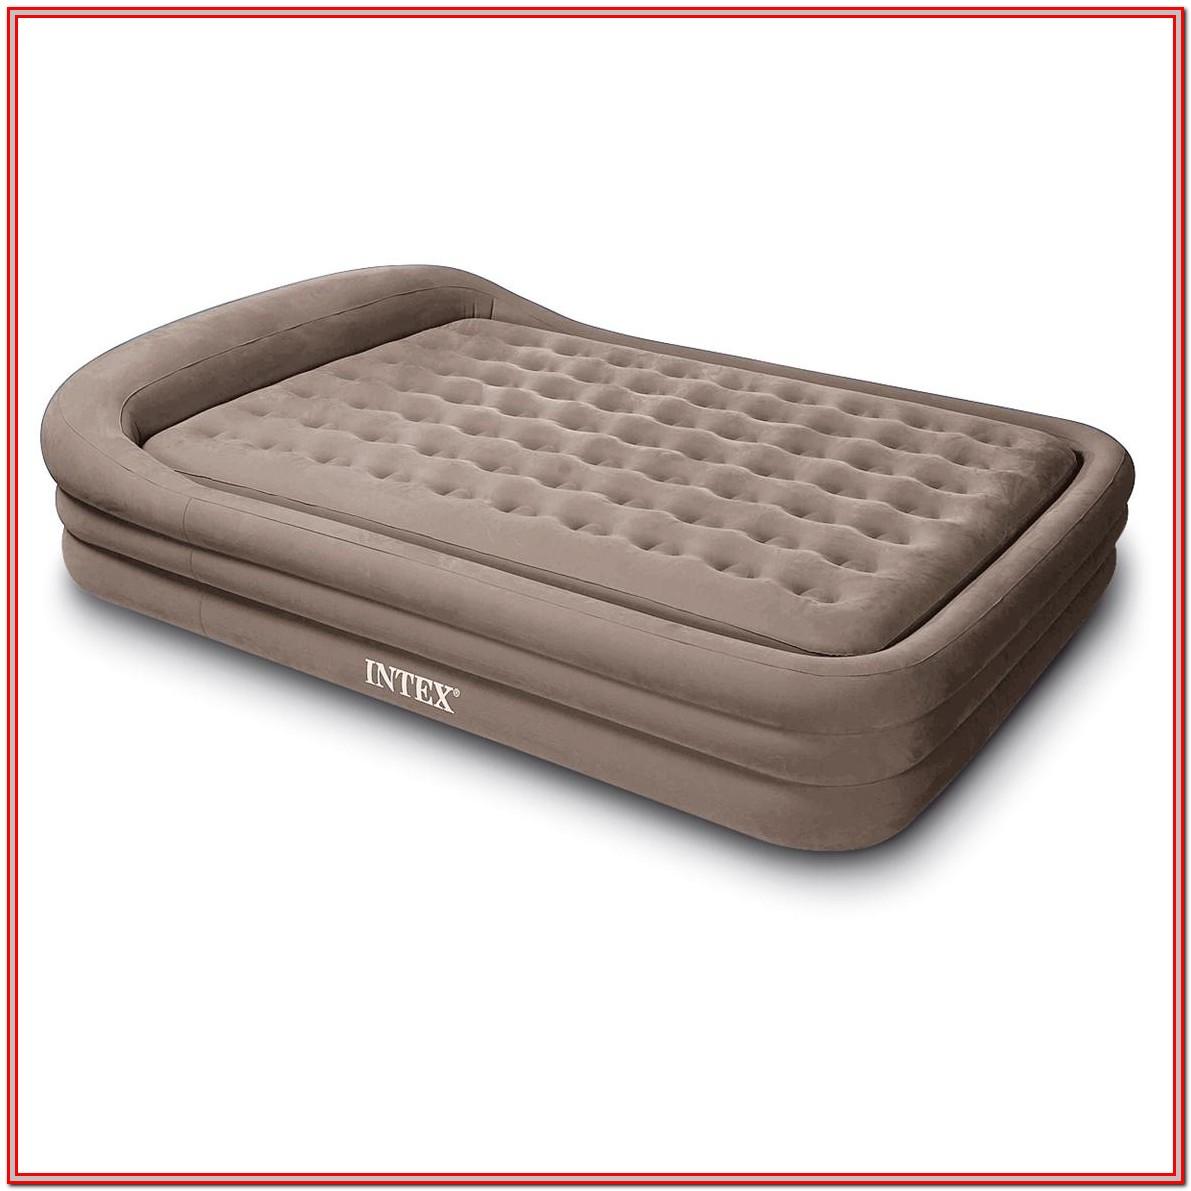 Queen Size Air Bed Mattress